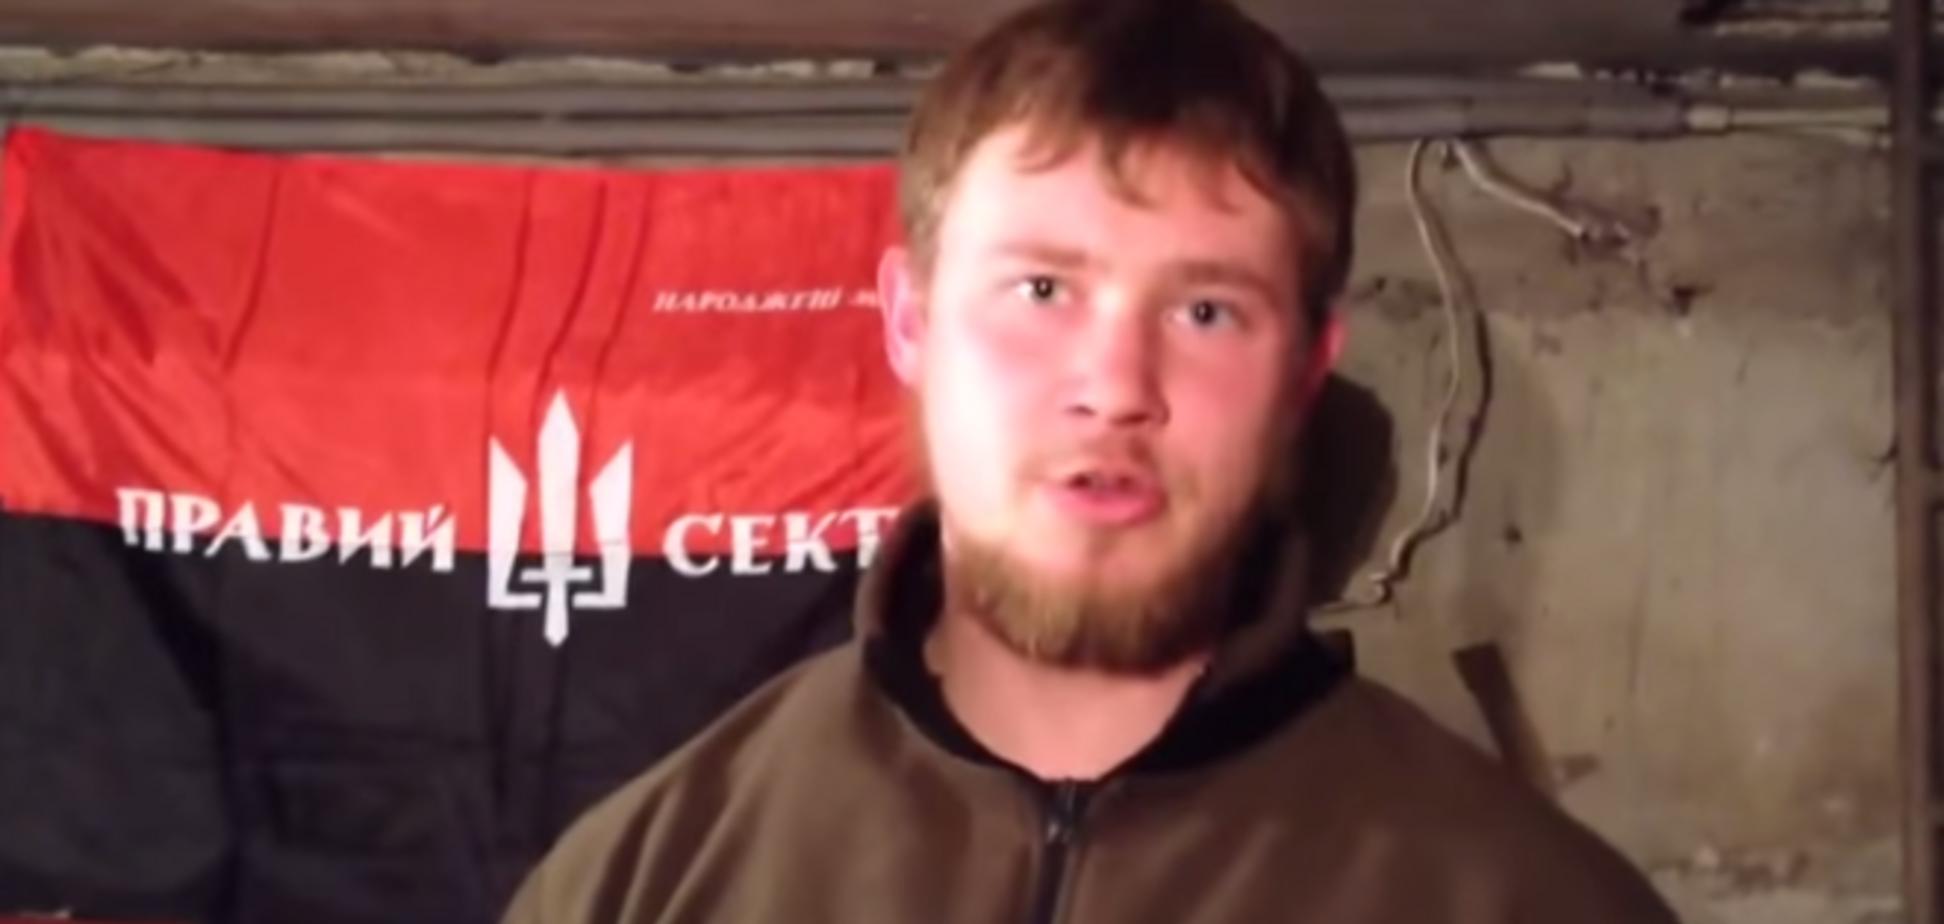 В рядах 'Правого сектора' за Украину в АТО воюют уссурийские казаки: видеофакт